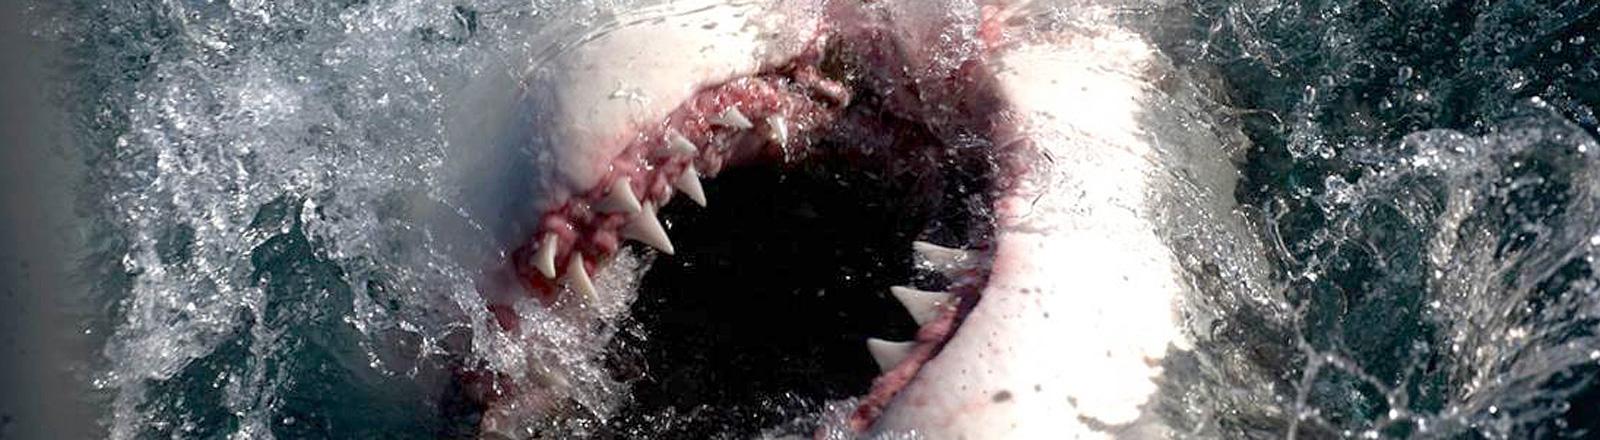 Offenes Maul eines weißen Hais